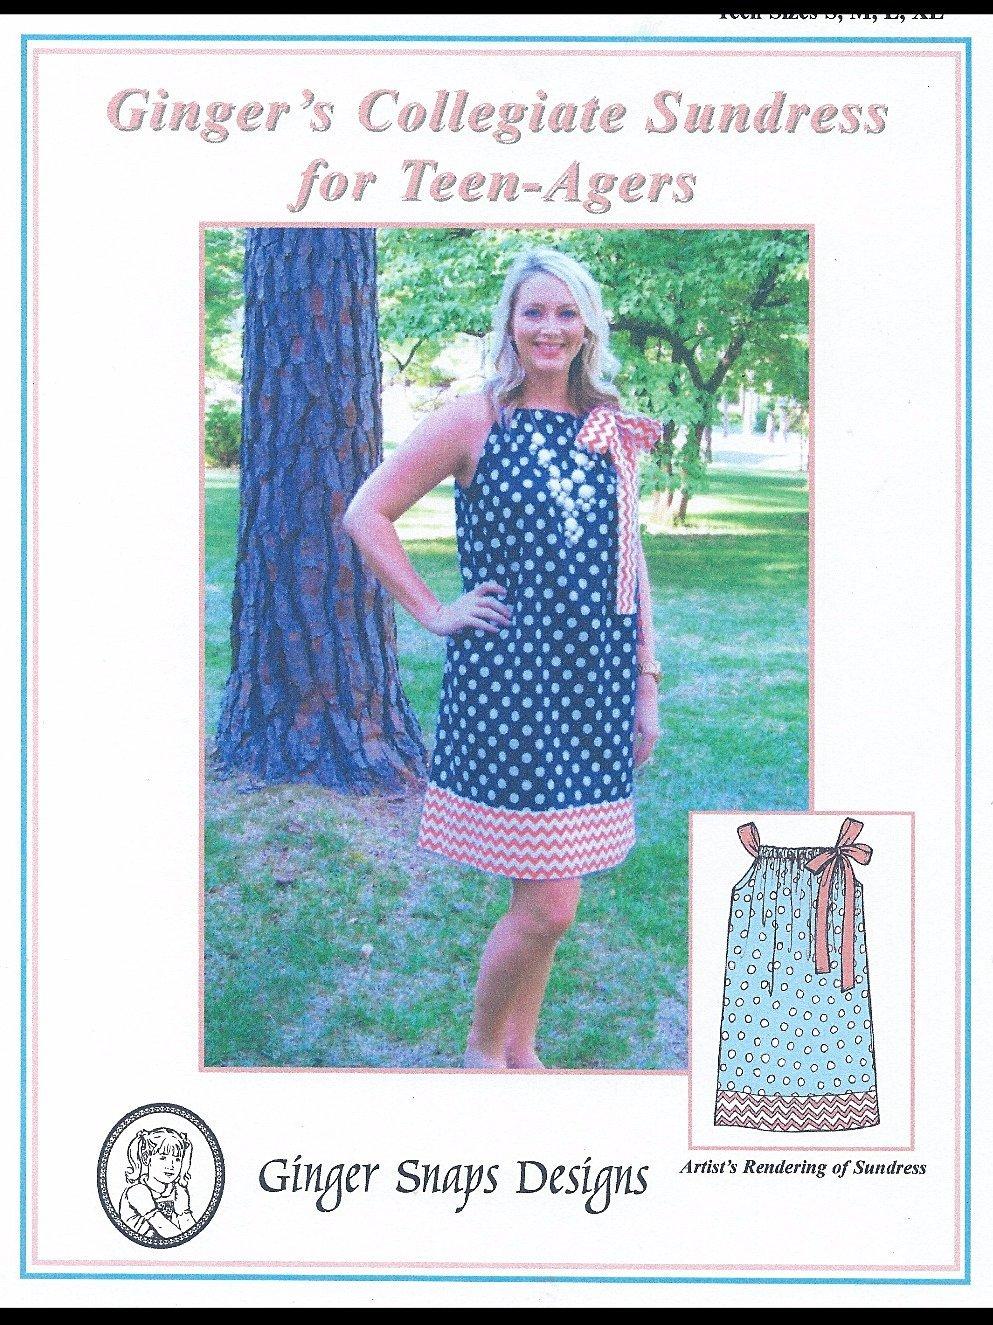 Ginger Snaps Designs Ginger's Collegiate Sundress for Teens